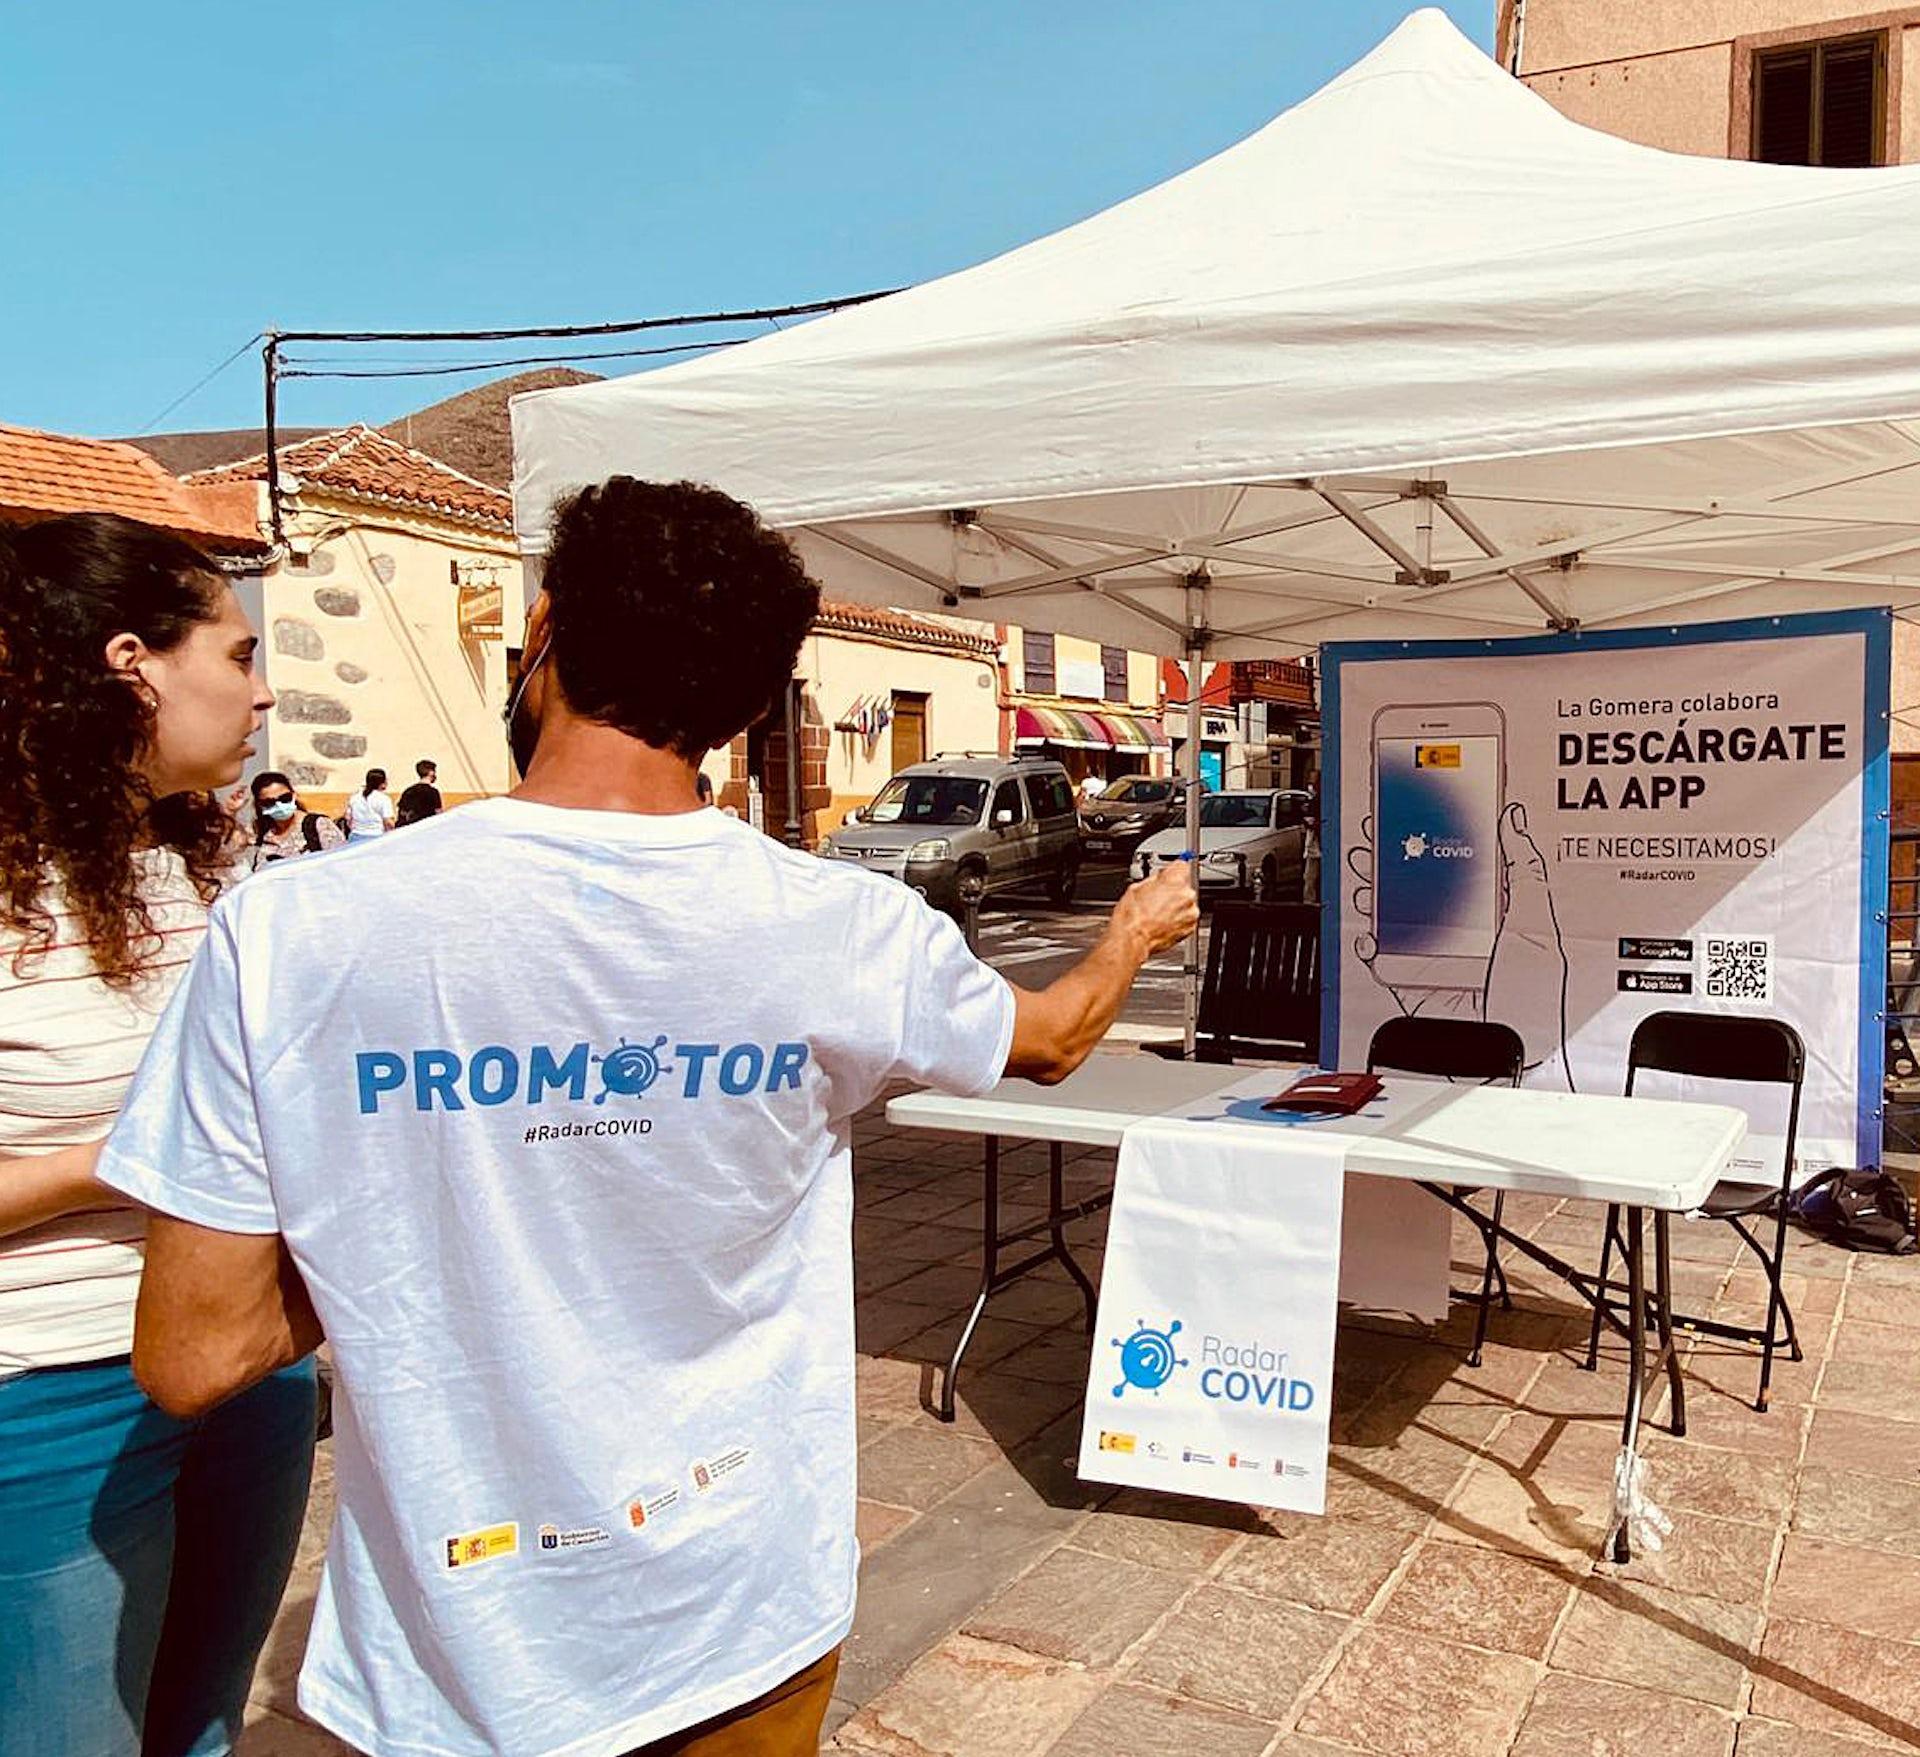 Promotores de Radar Covid en las calles de San Sebastián de La Gomera